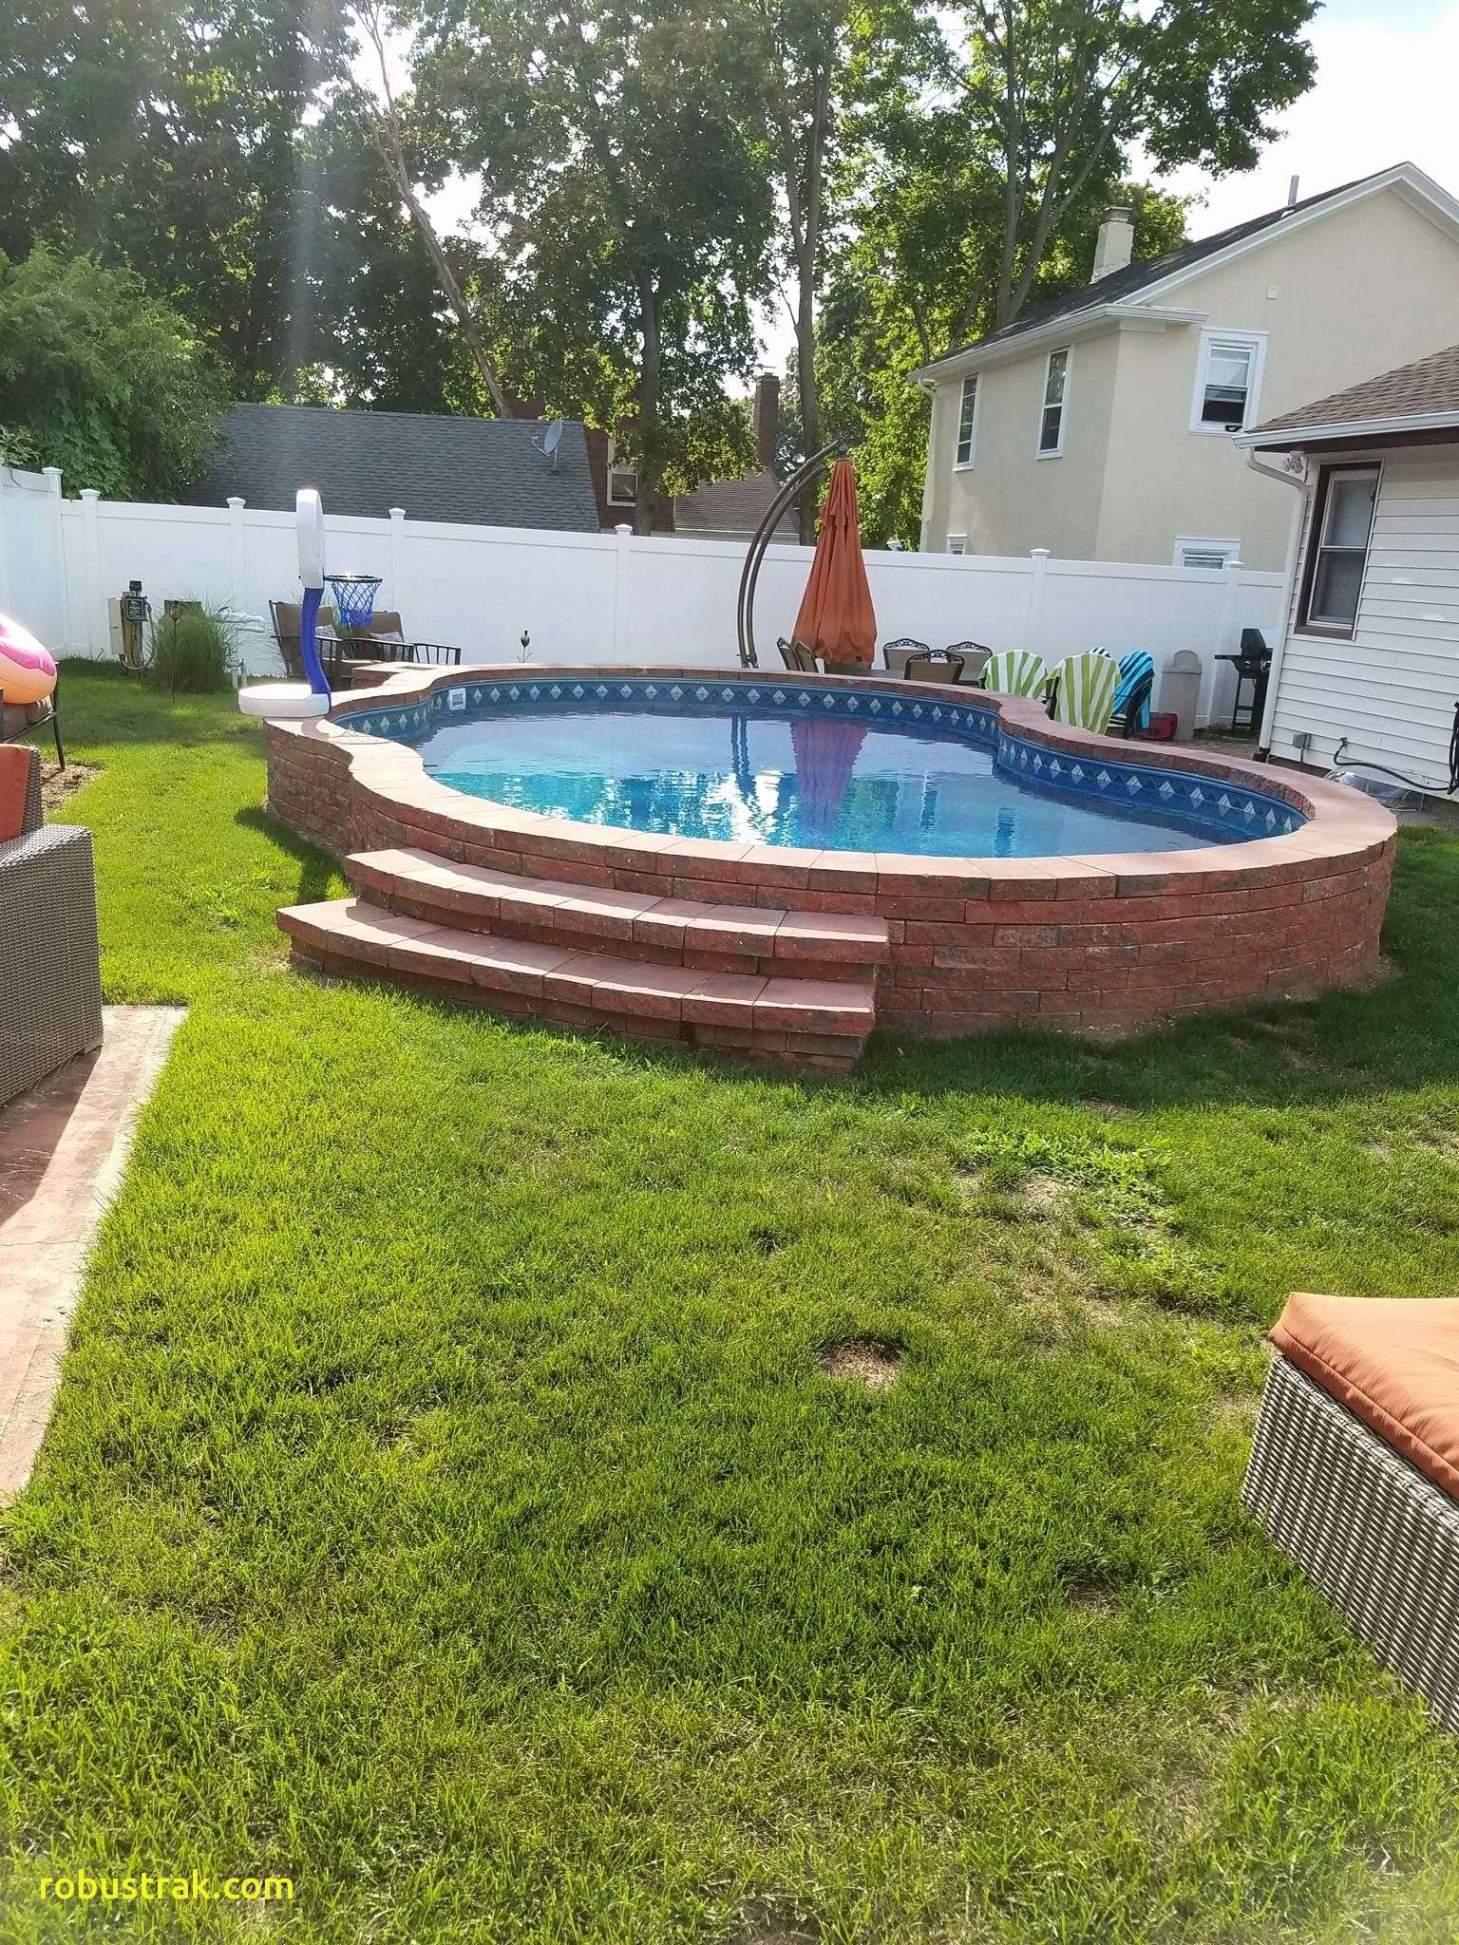 kleiner garten mit pool gestalten neu pool kleiner garten temobardz home blog of kleiner garten mit pool gestalten